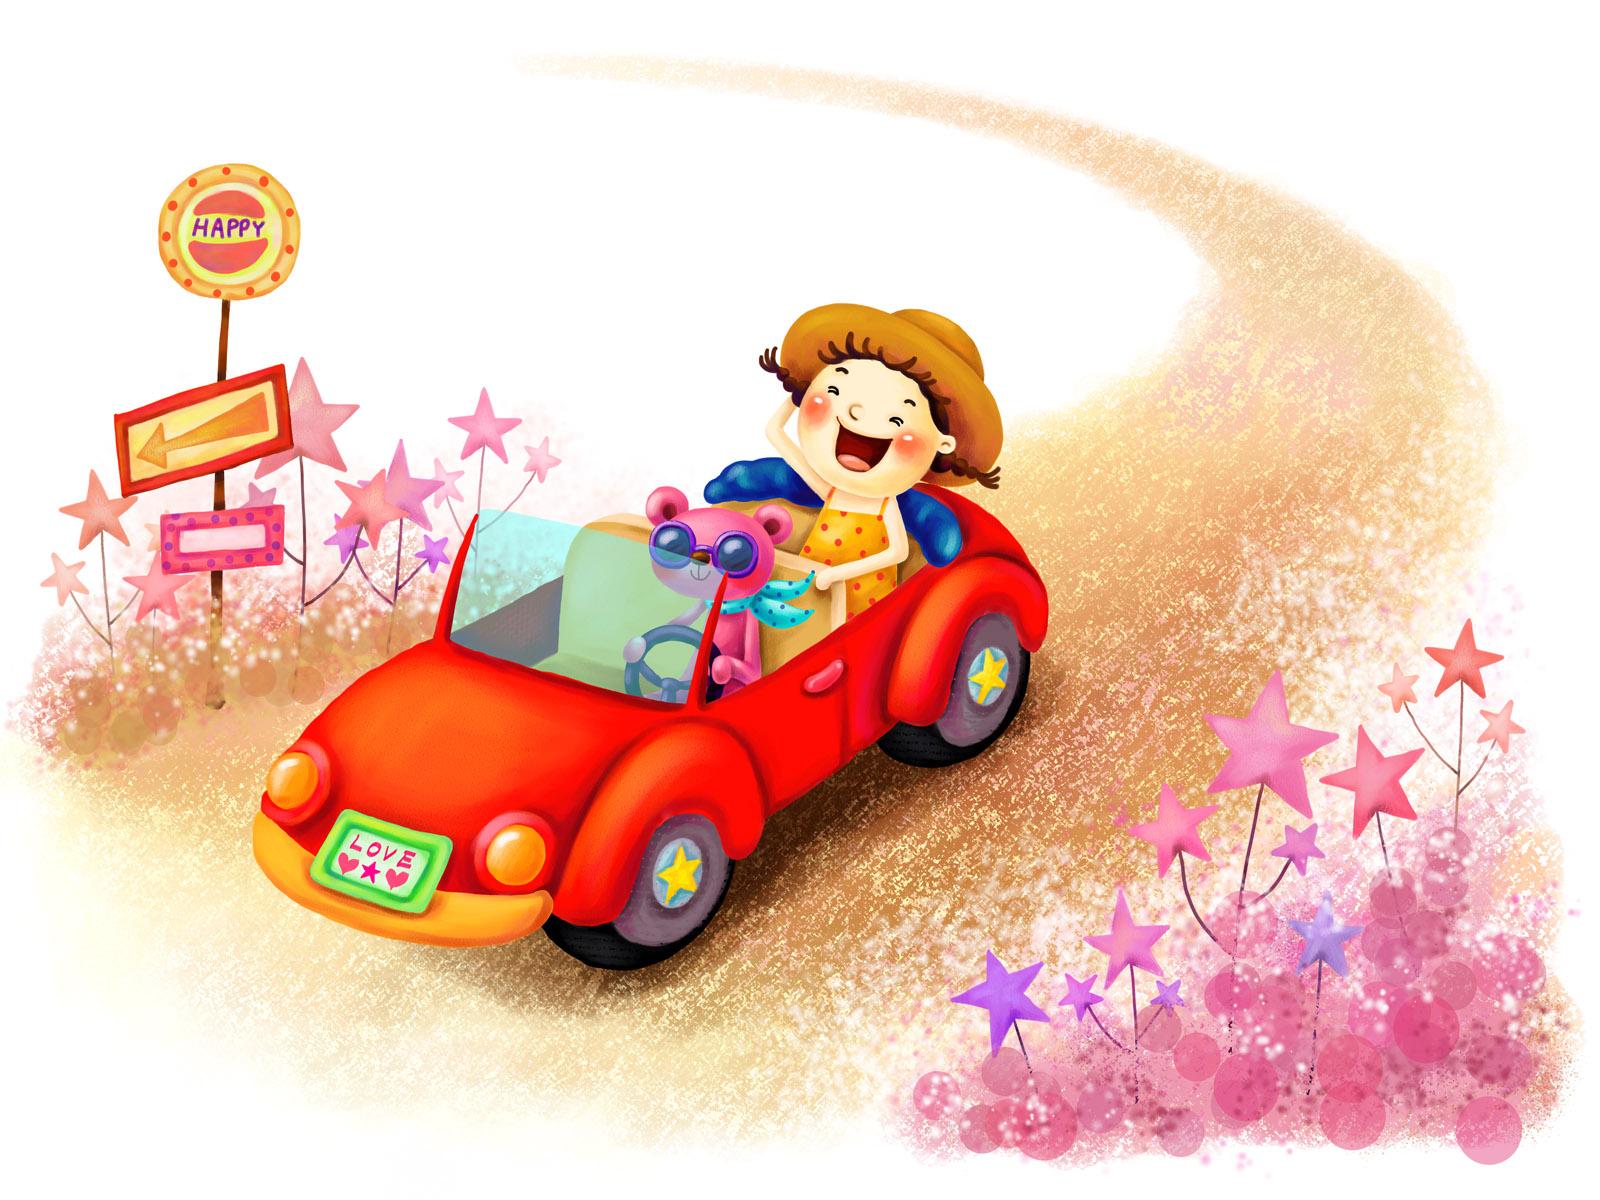 卡通梦幻童年-设计欣赏-素材中国-online.sccnn.com